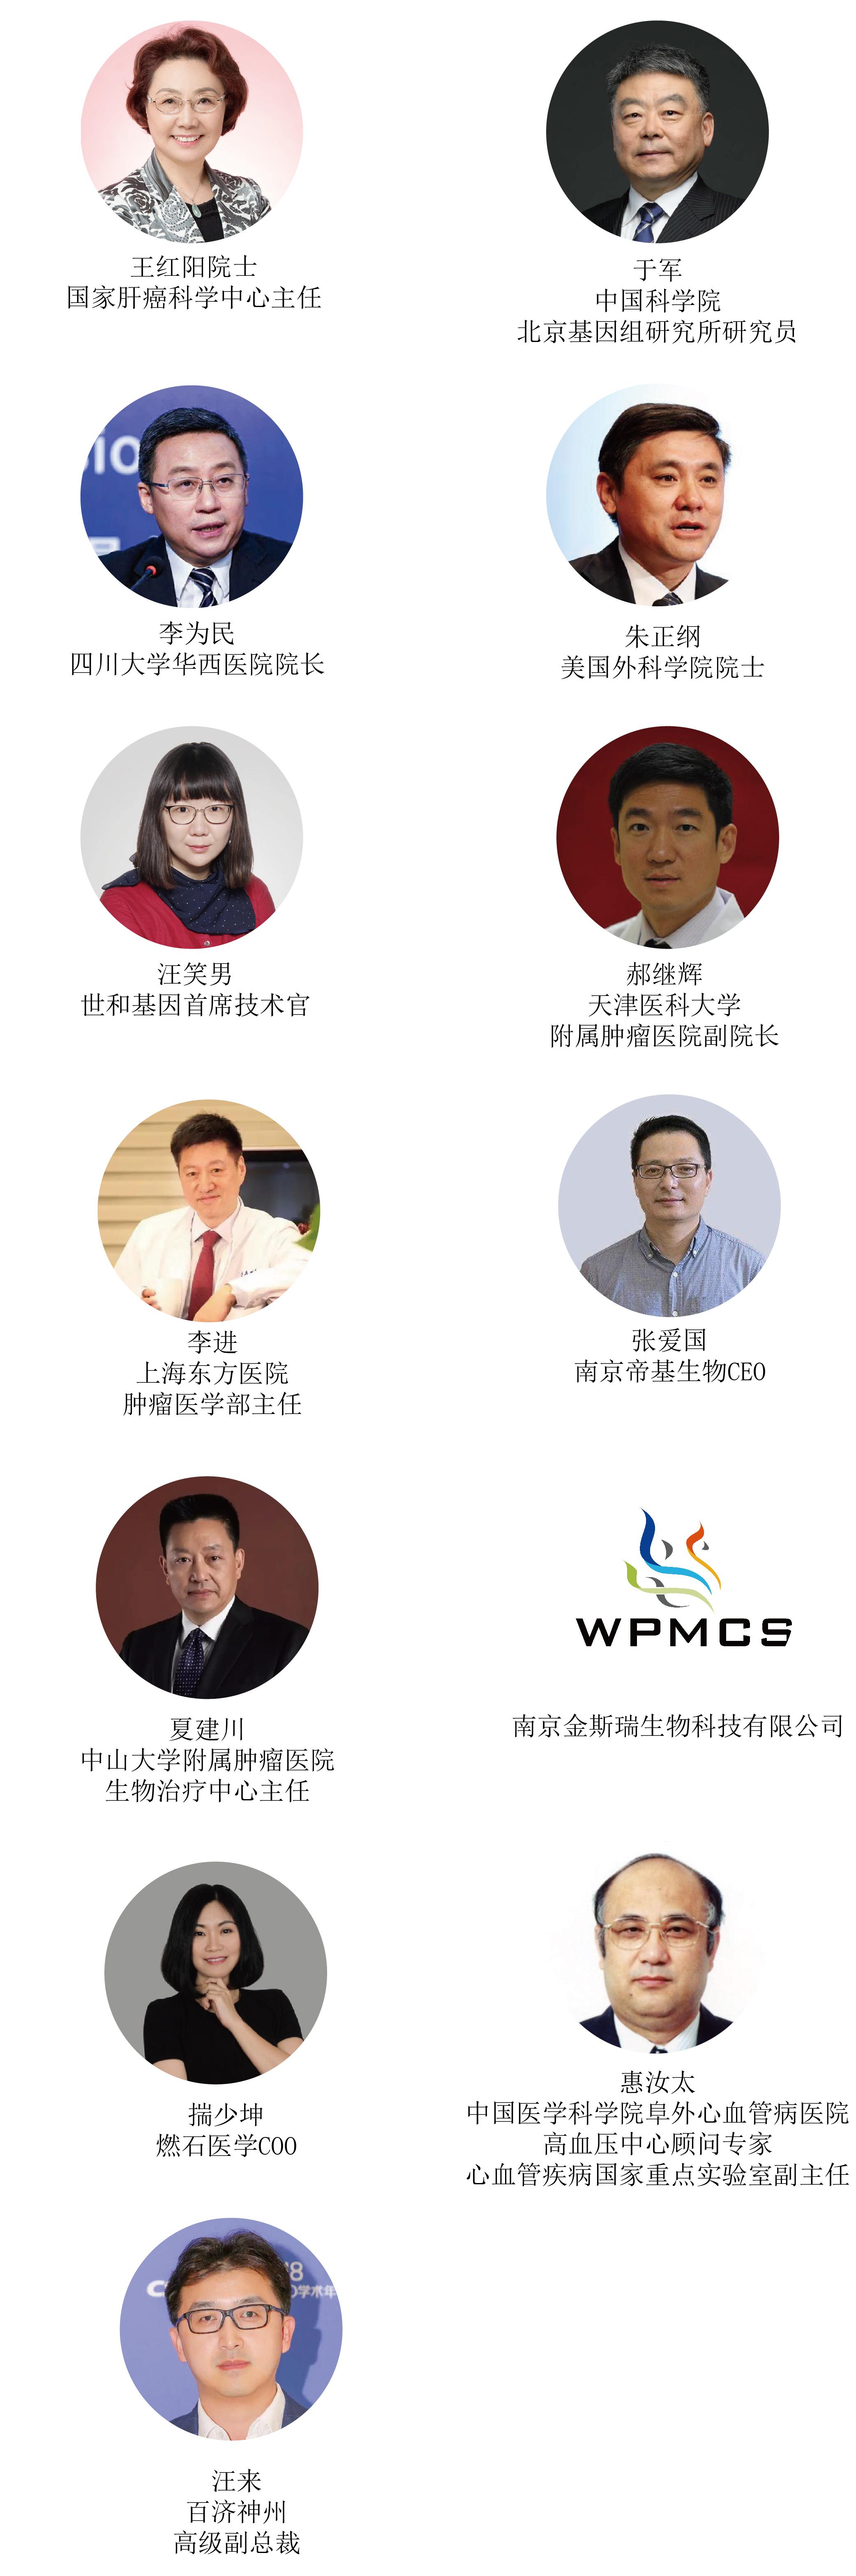 2019腫瘤精準治療與健康管理大會(上海)